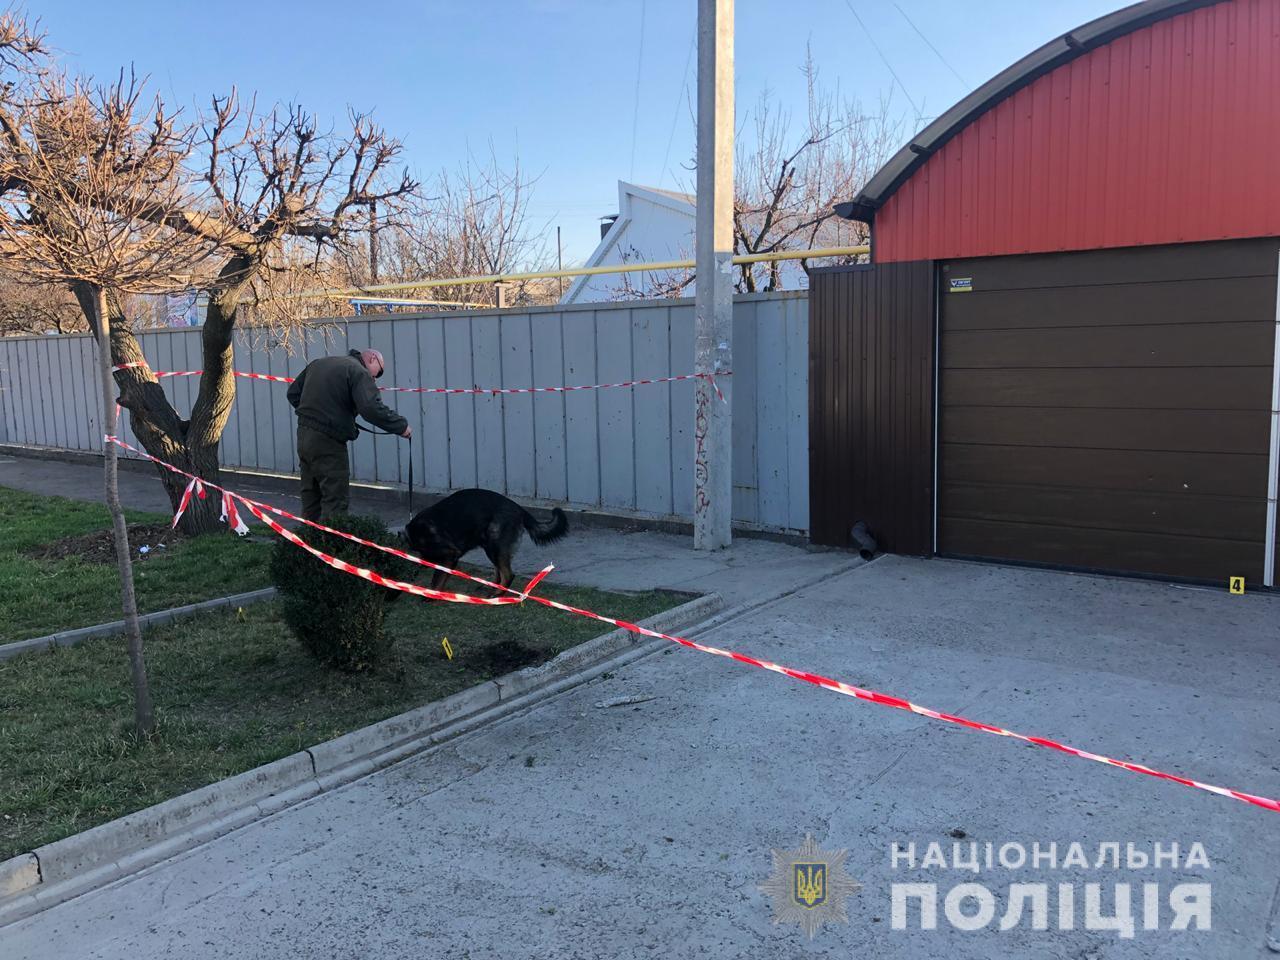 В Запорожье двое детей подорвались на гранате: один из мальчиков погиб - ФОТО